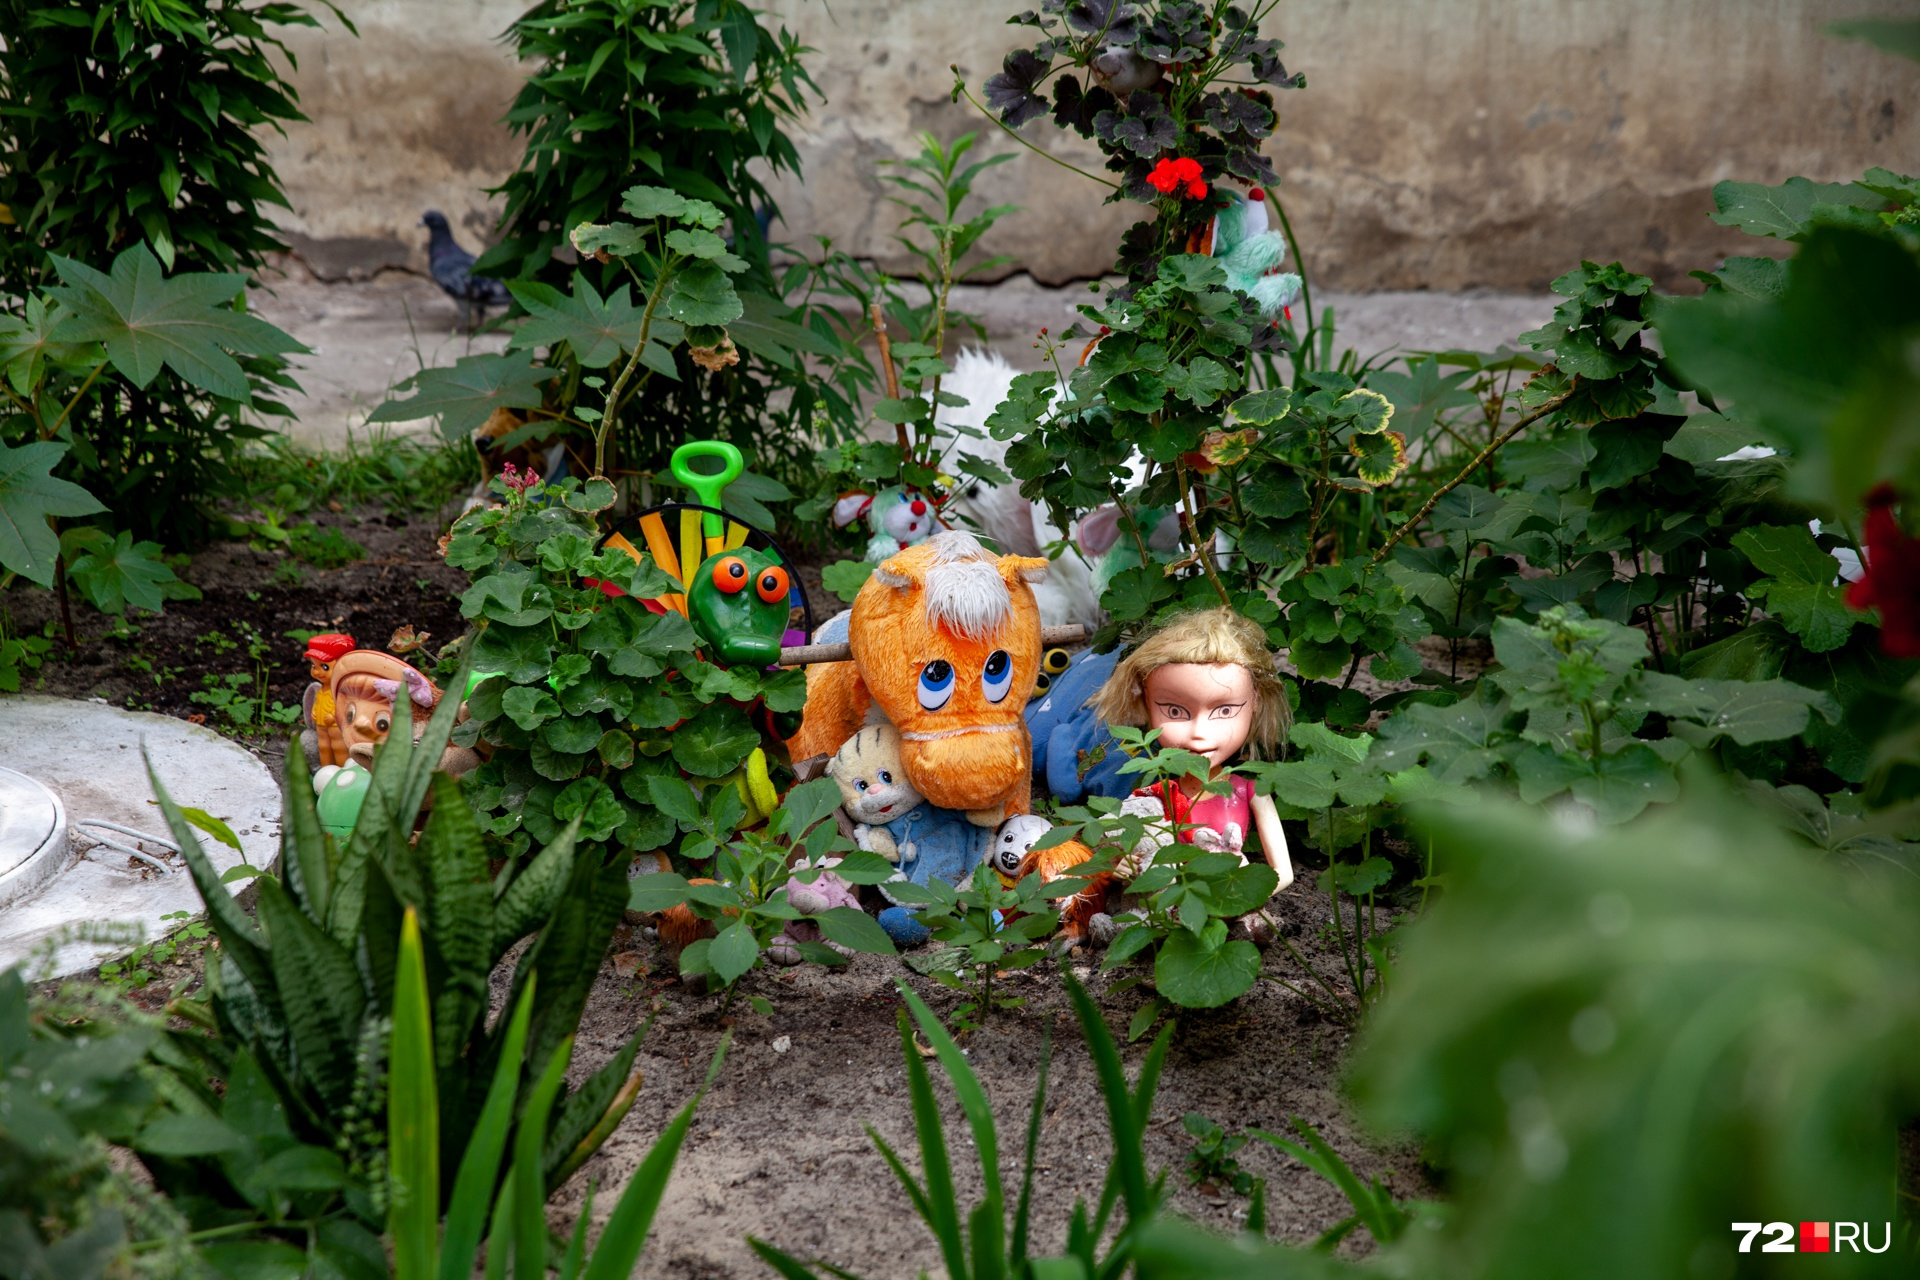 Если детям не понравятся подаренные игрушки, ребята смогут украсить ими двор